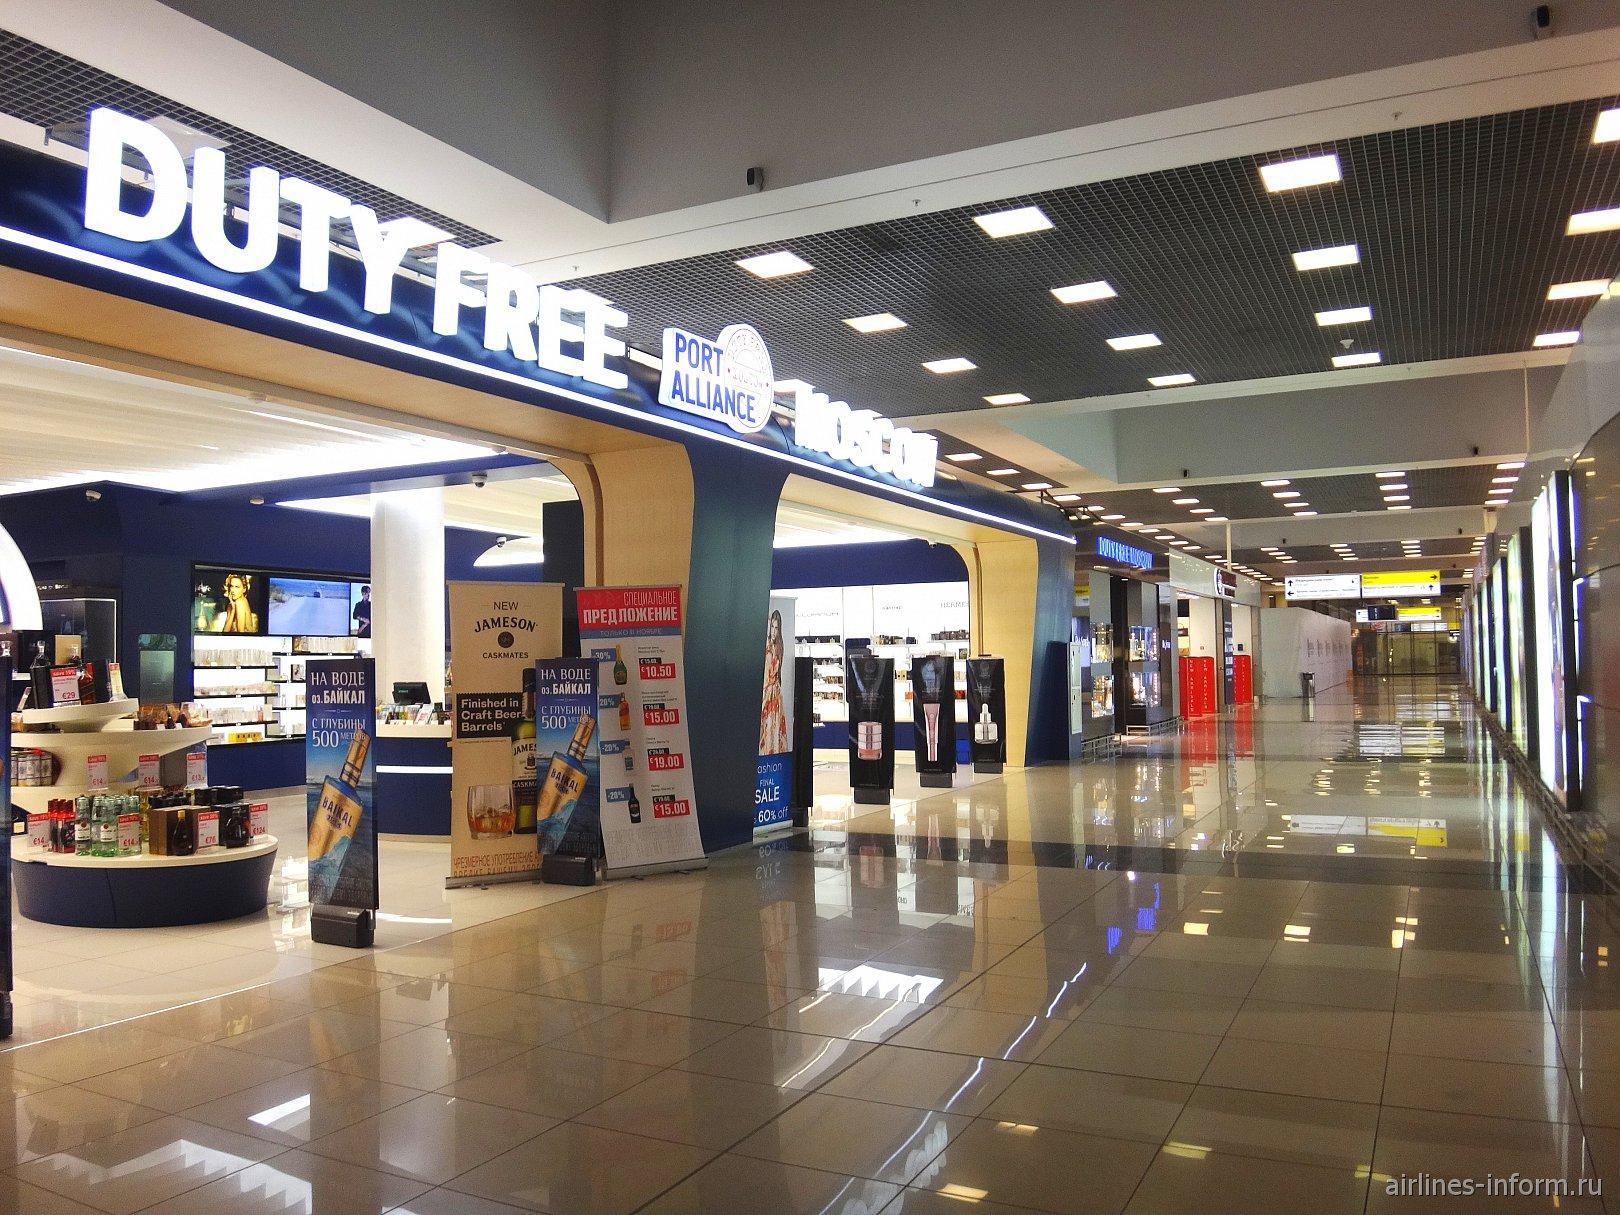 Магазины Duty Free в терминале Е аэропорта Шереметьево